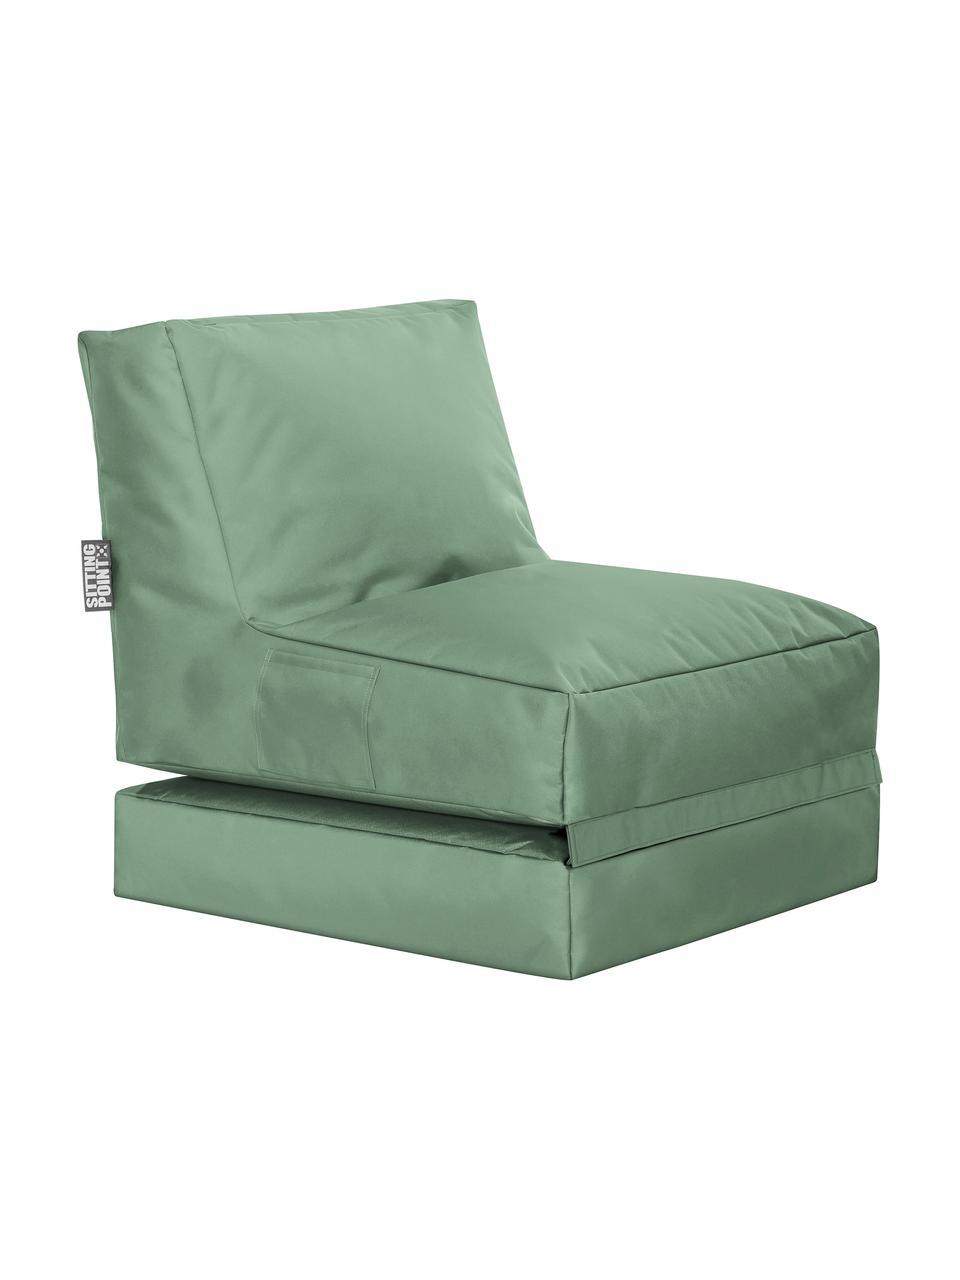 Fotel ogrodowy z funkcją leżenia Pop Up, Tapicerka: 100% poliester Wewnątrz p, Szałwiowy zielony, S 70 x G 90 cm